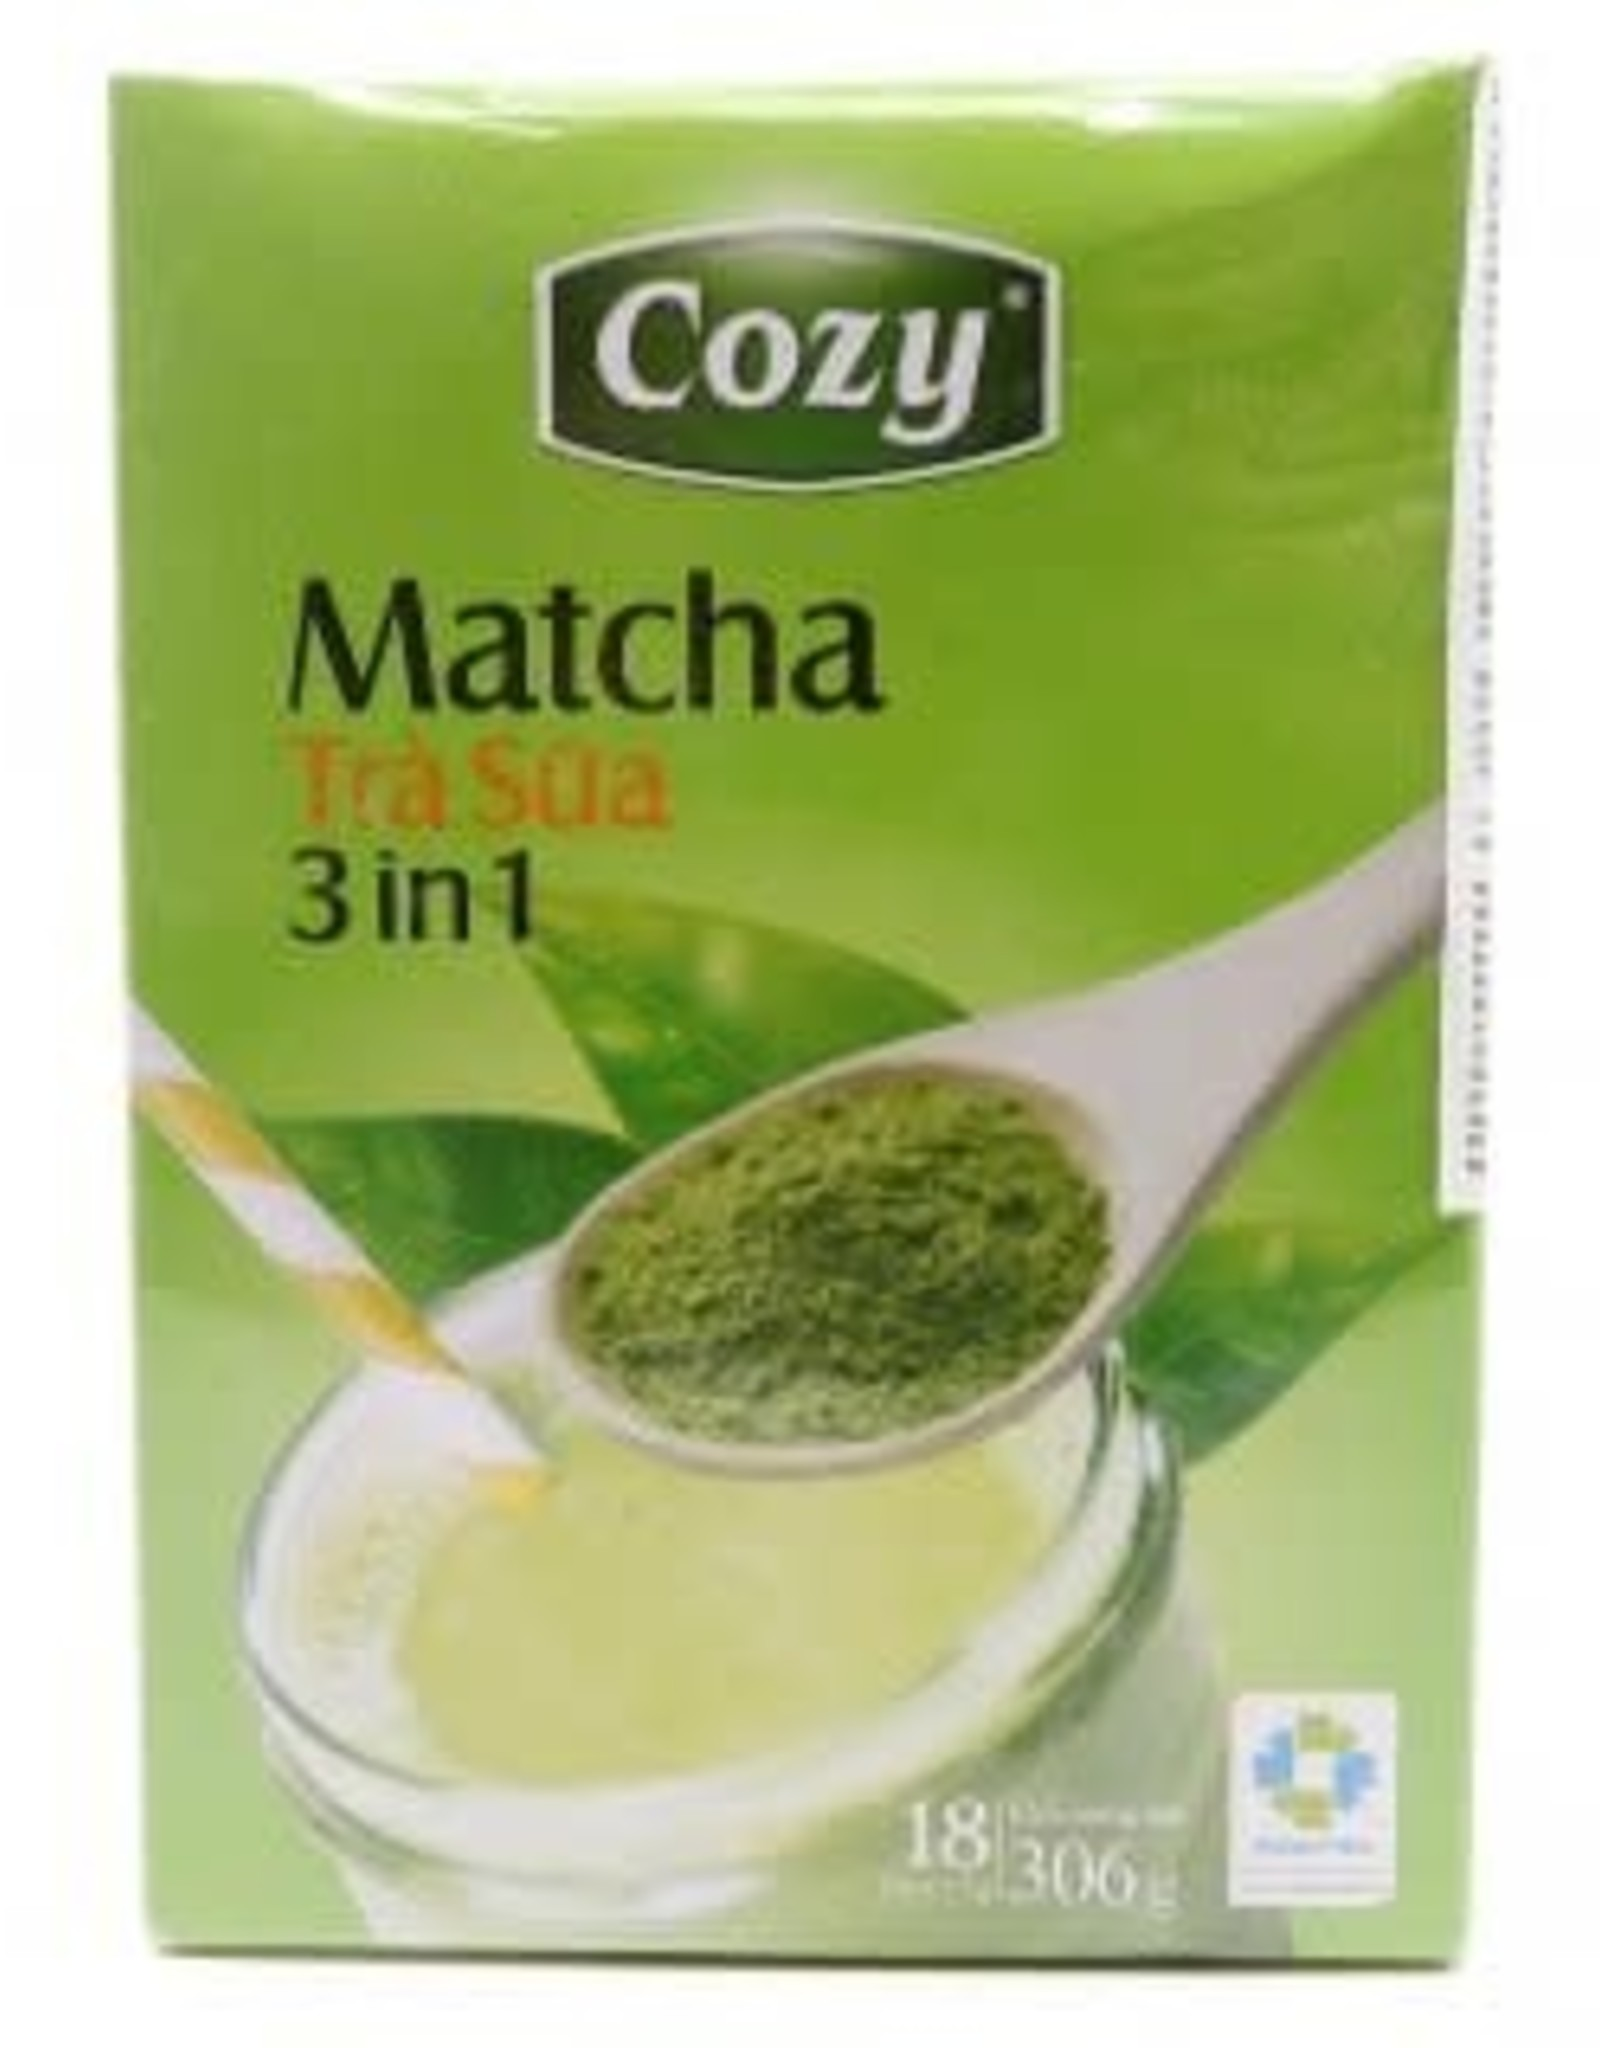 COZY Cozy Matcha Milk Tea 3-In-1 18X17G